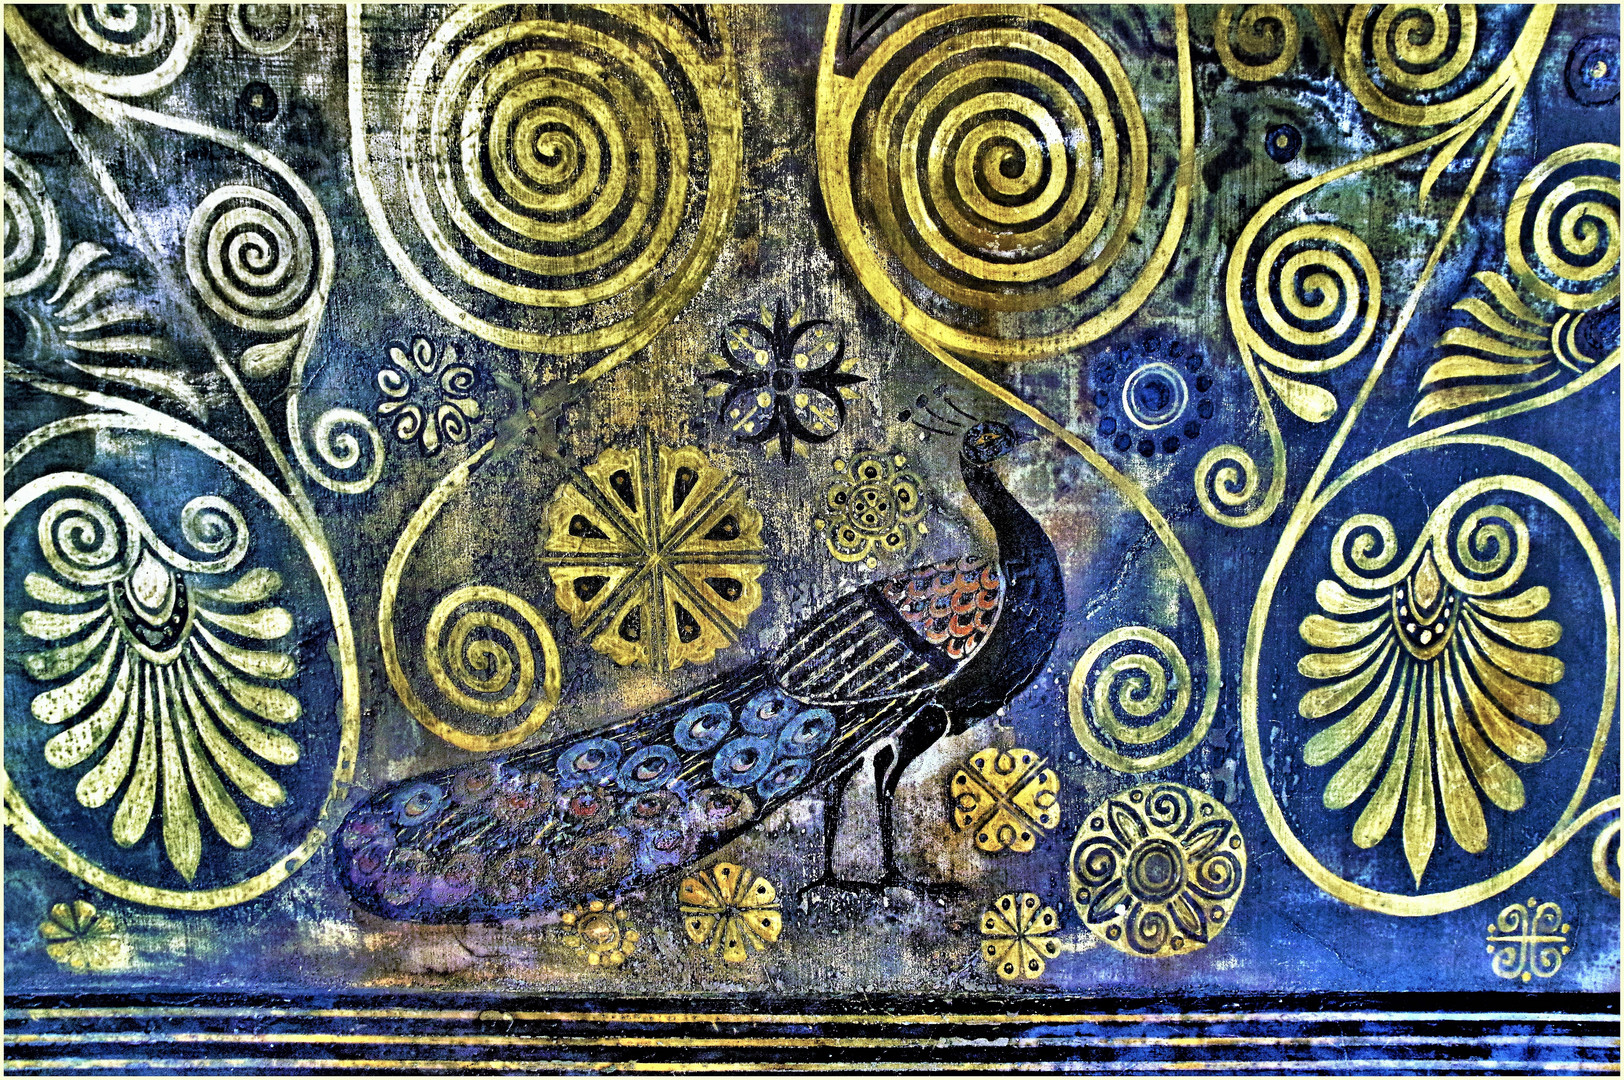 le paon , symbole de Héra , femme de Zeus